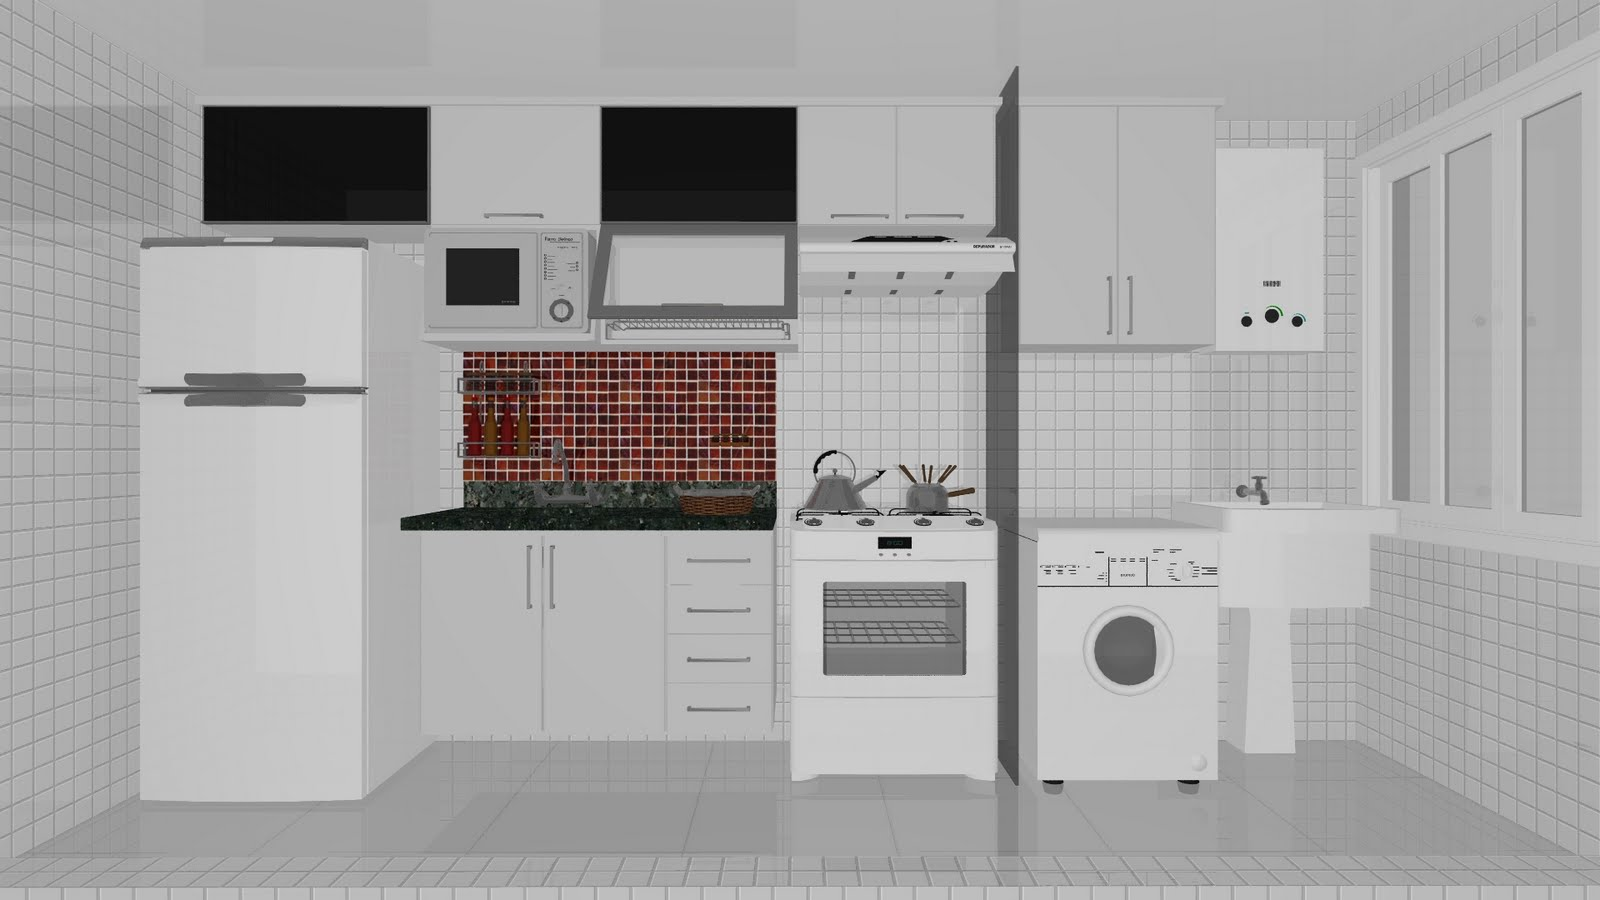 Cozinha: Podem cobrar que a cozinha seja com cores e não branca como  #694139 1600 900